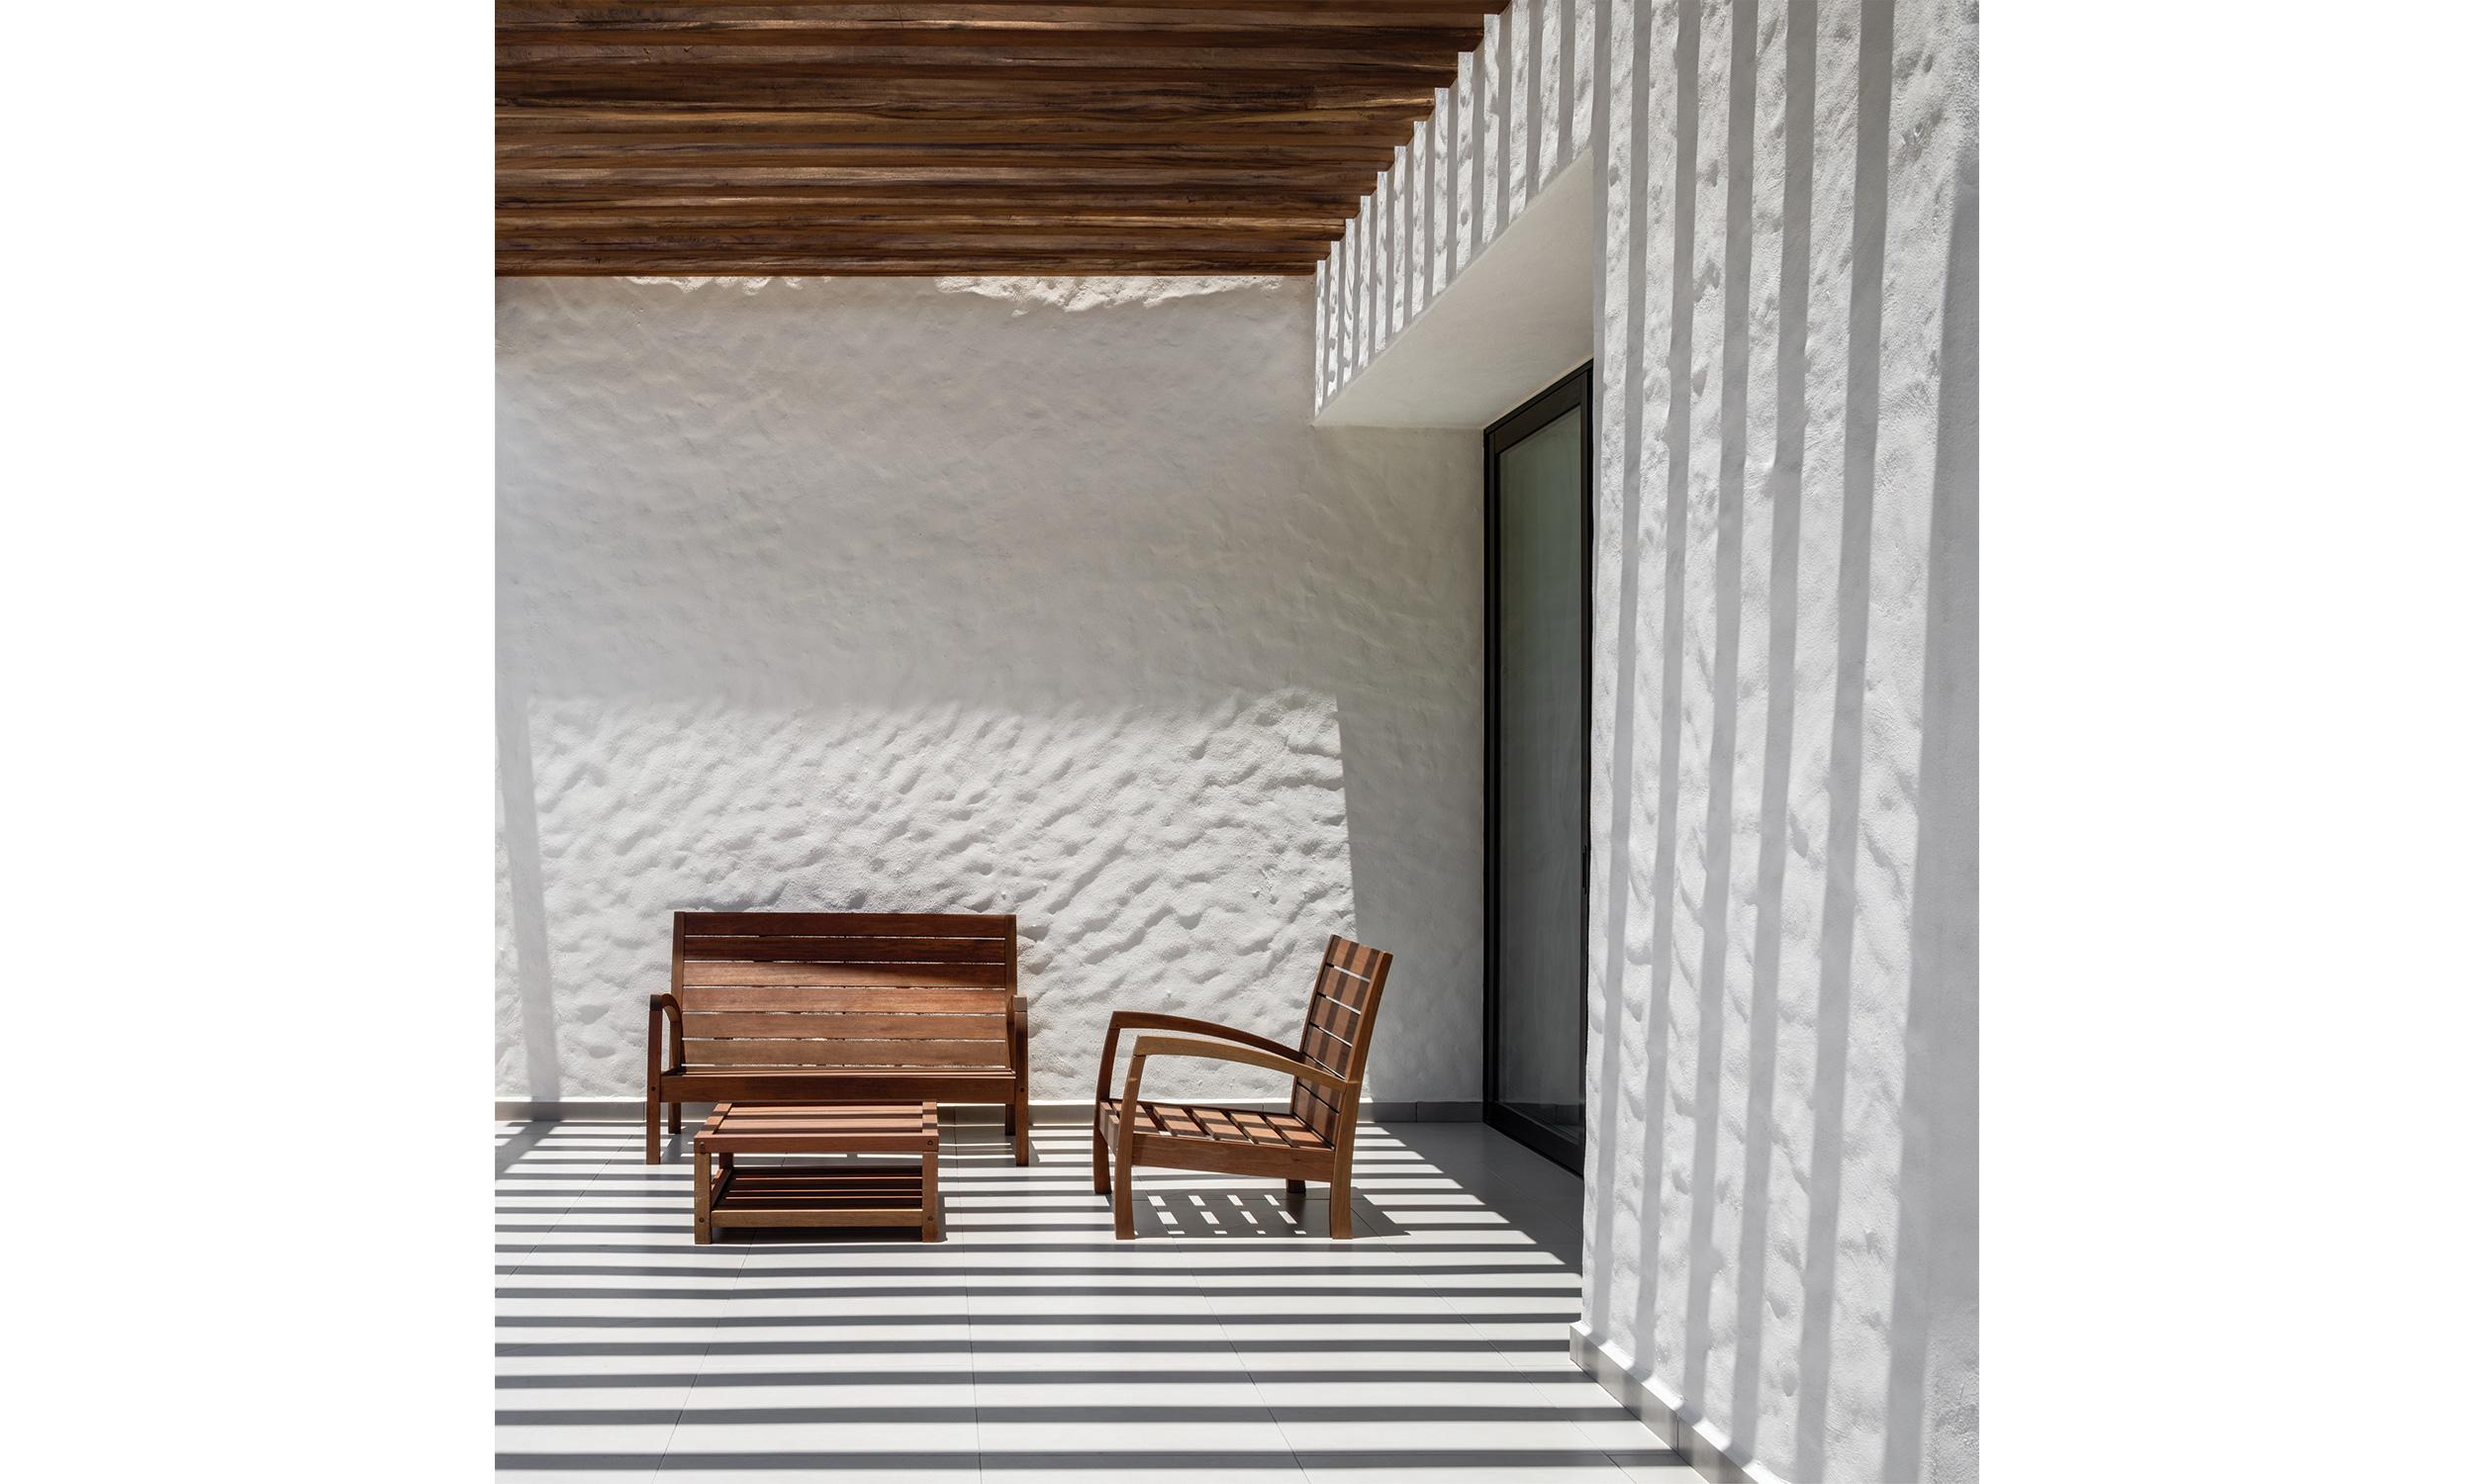 main_office_casa_galería_rafaél_gamo_256_terrace